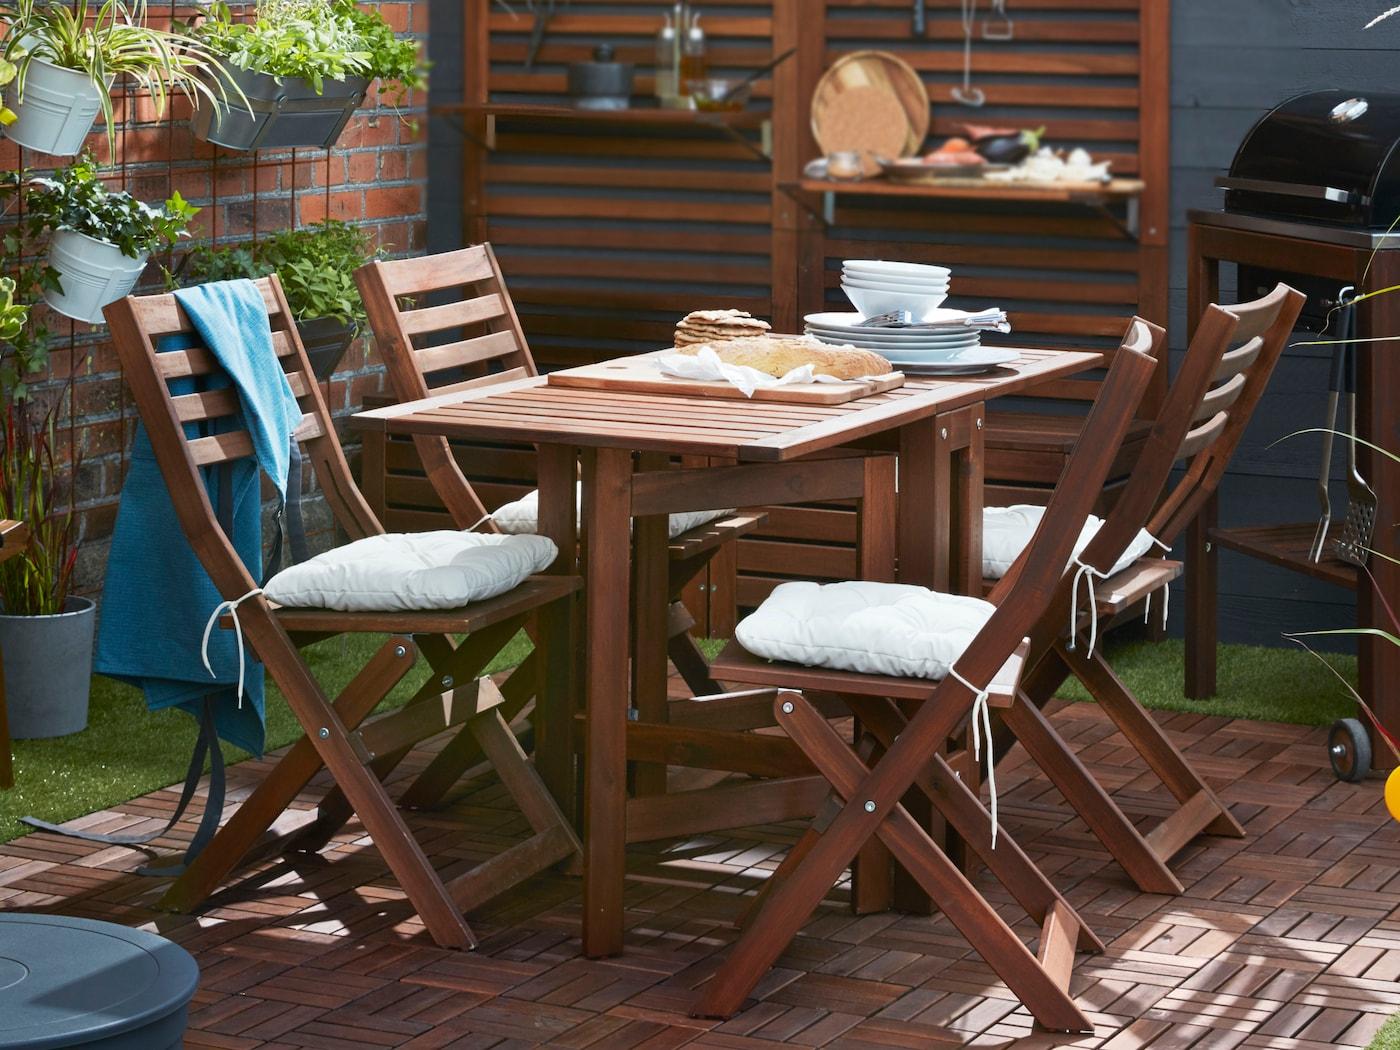 Gestalte dir aus IKEA ÄPPLARÖ Tisch+4 Klappstühle/aussen braun las., Ausziehtischen und Aufbewahrungselementen eine moderne Oase für draussen.